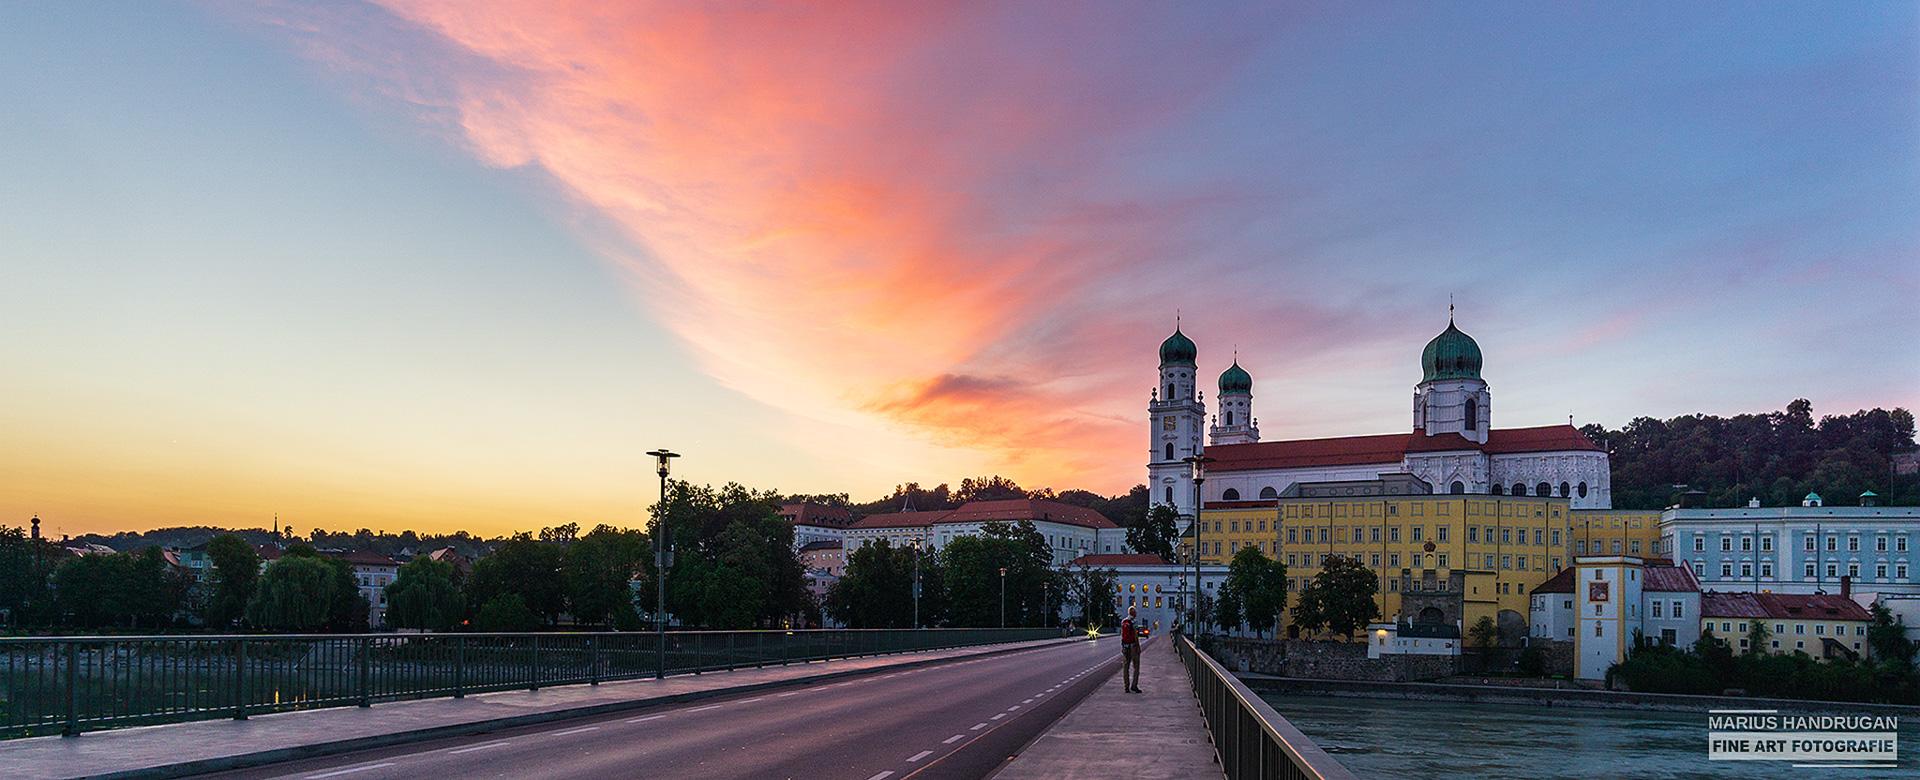 Passau Sonnenuntergang